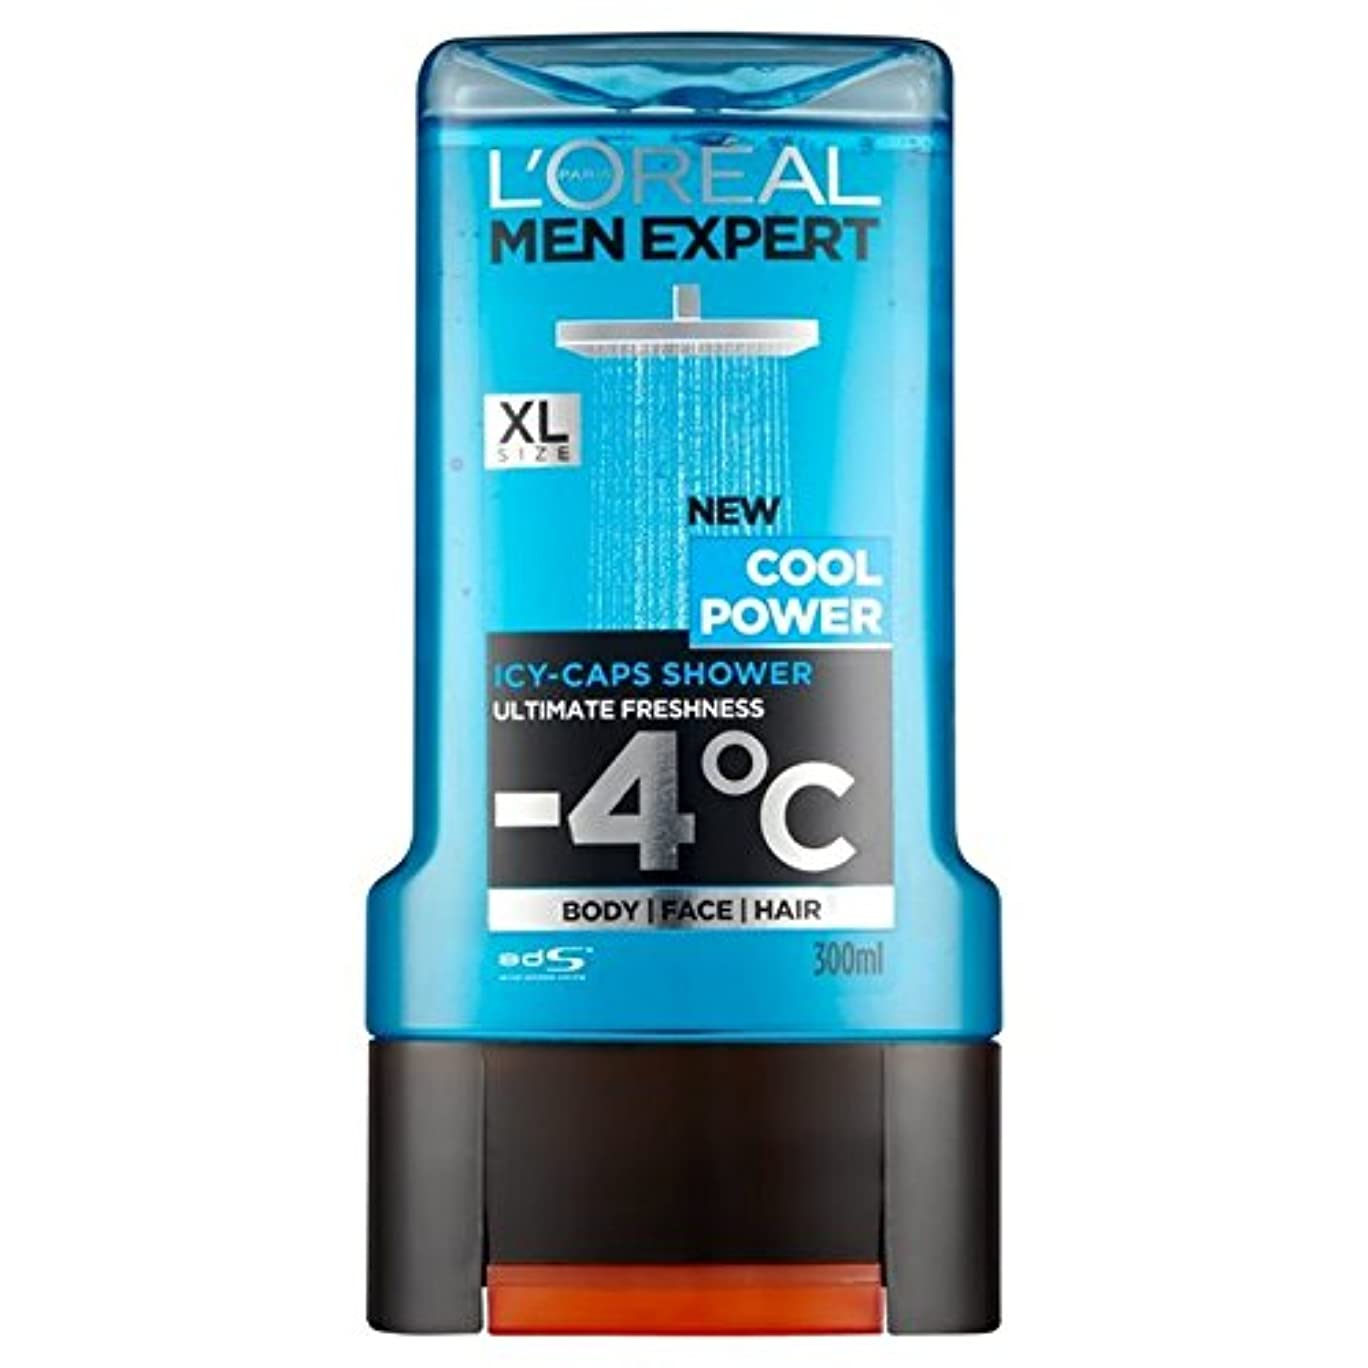 貯水池払い戻し自発的L'Oreal Paris Men Expert Cool Power Shower Gel 300ml (Pack of 6) - ロレアルパリの男性の専門家のクールなパワーシャワージェル300ミリリットル x6 [並行輸入品]